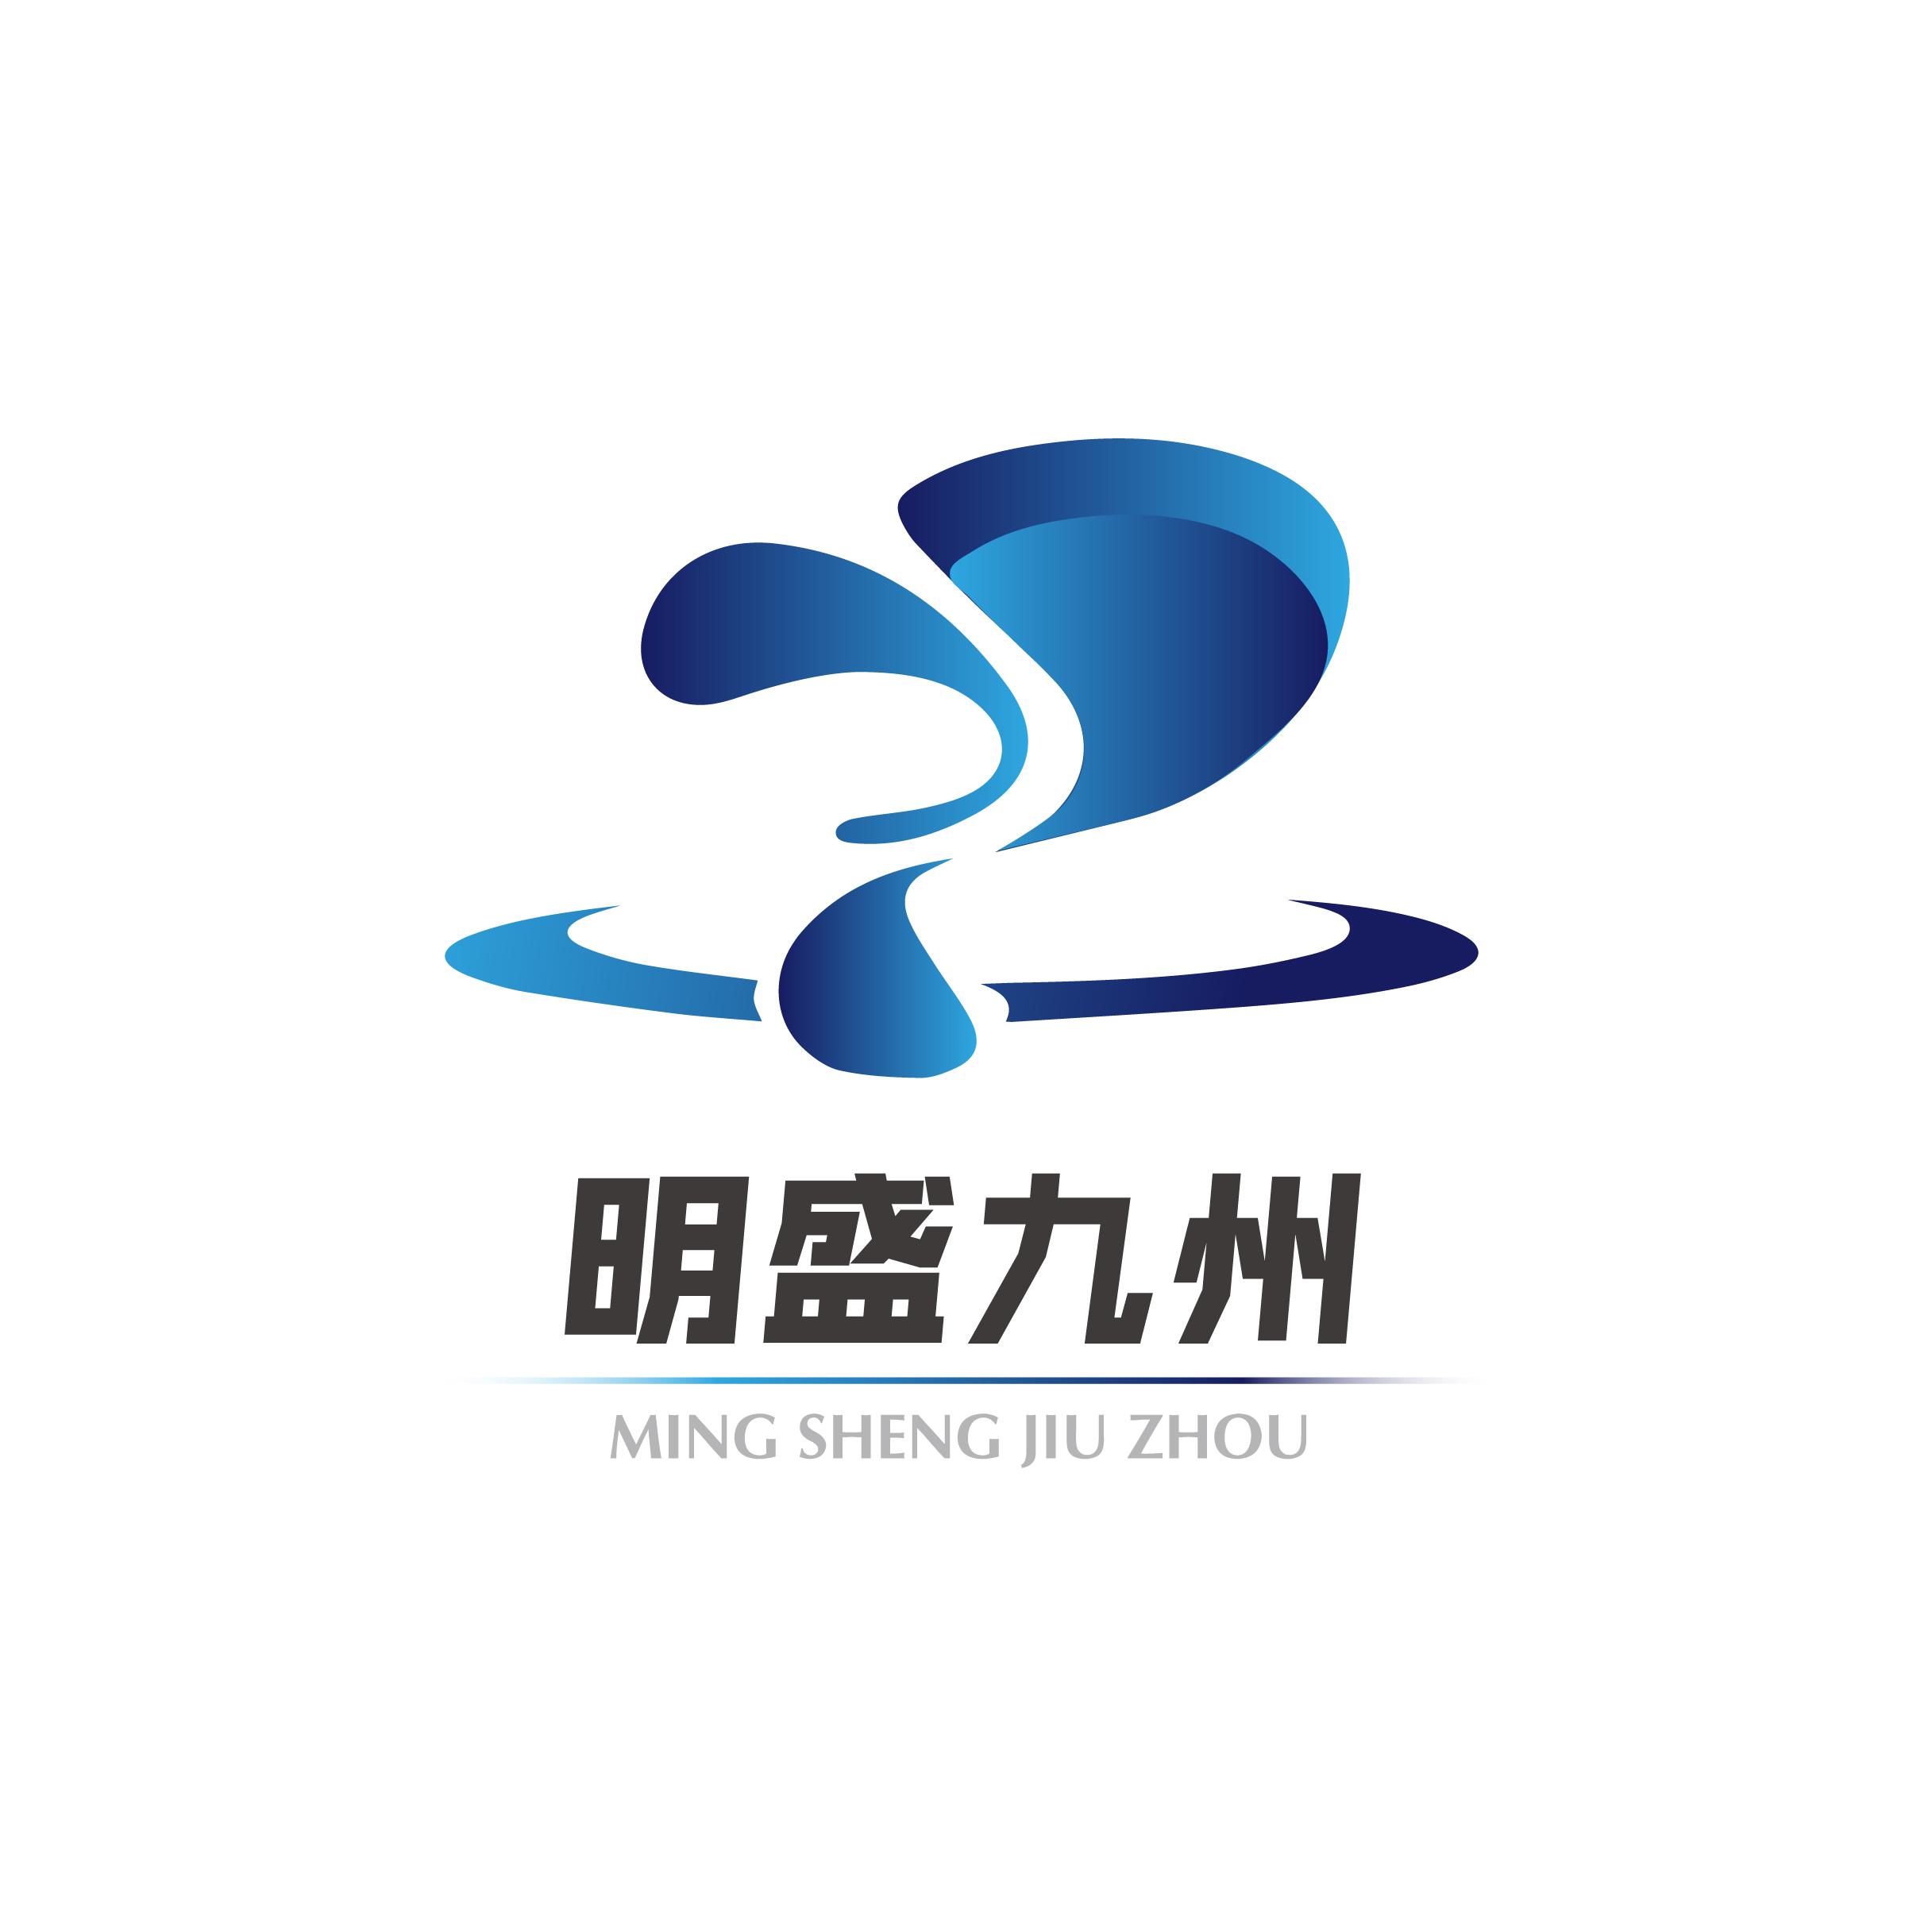 深圳明盛九州实业有限公司